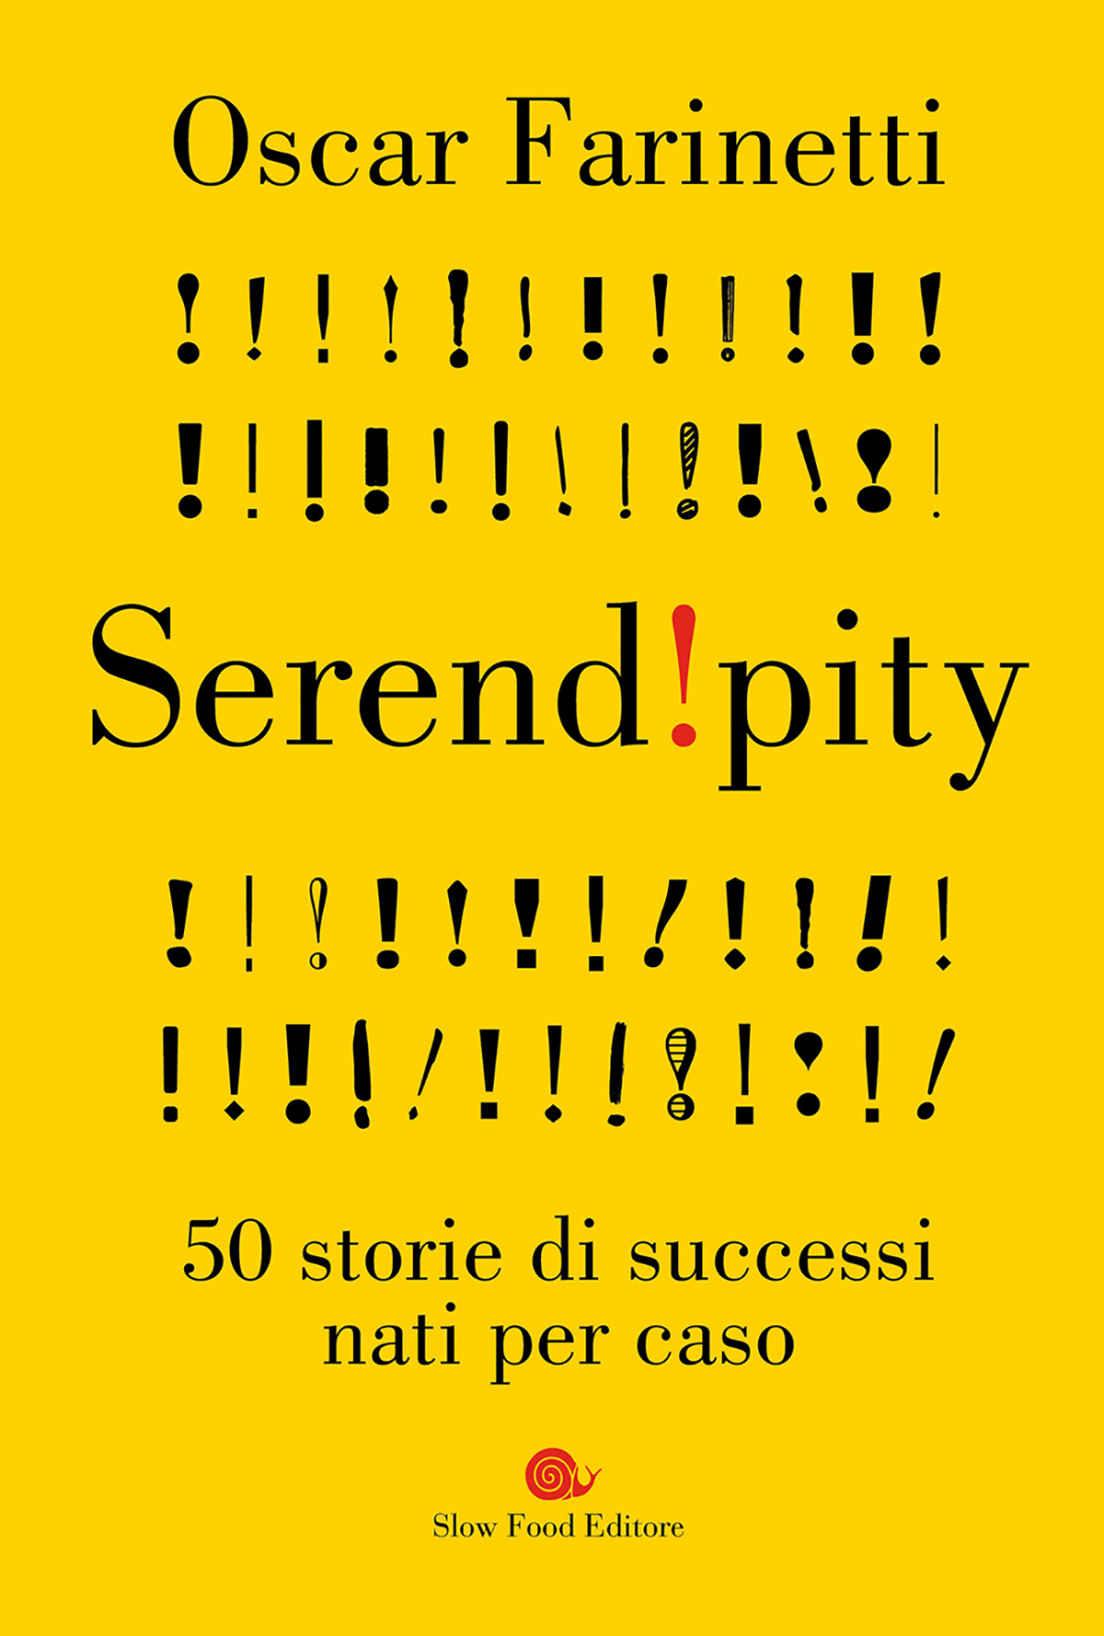 Recensione di Serendipity – Oscar Farinetti